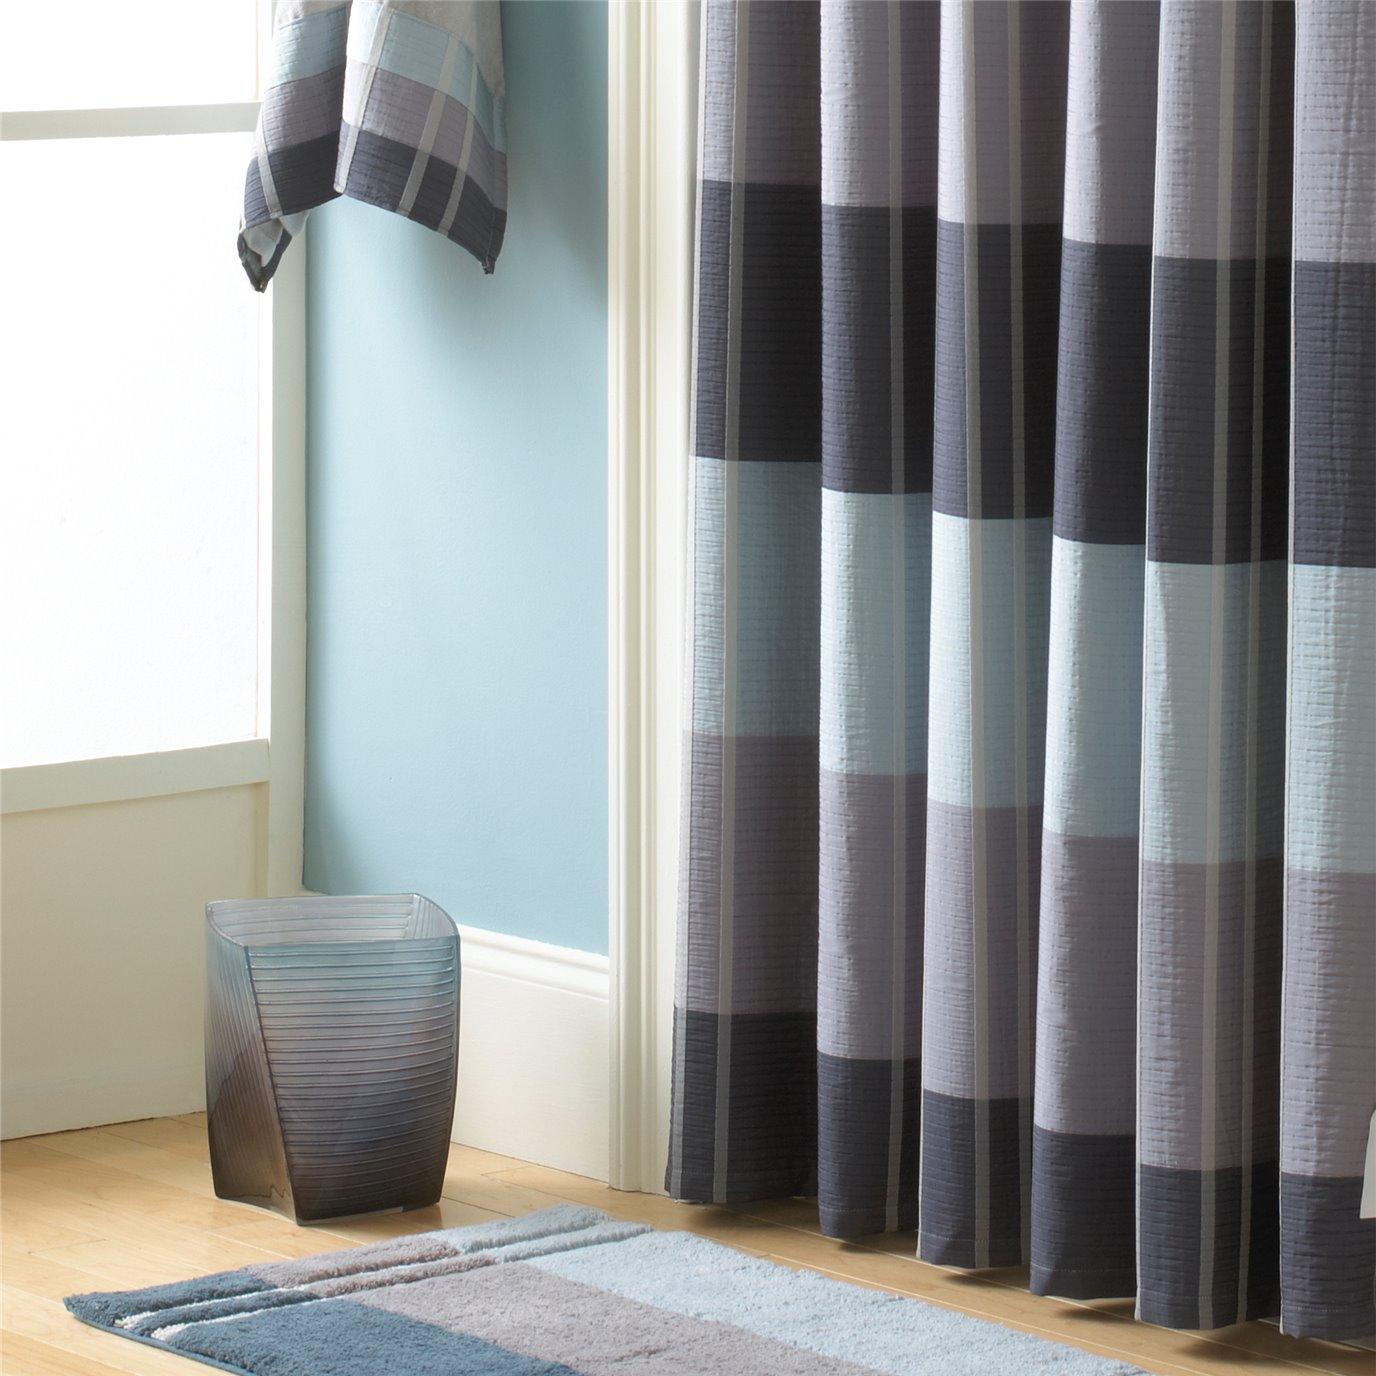 Fairfax Shower Curtain Slate 72X72 By Croscill